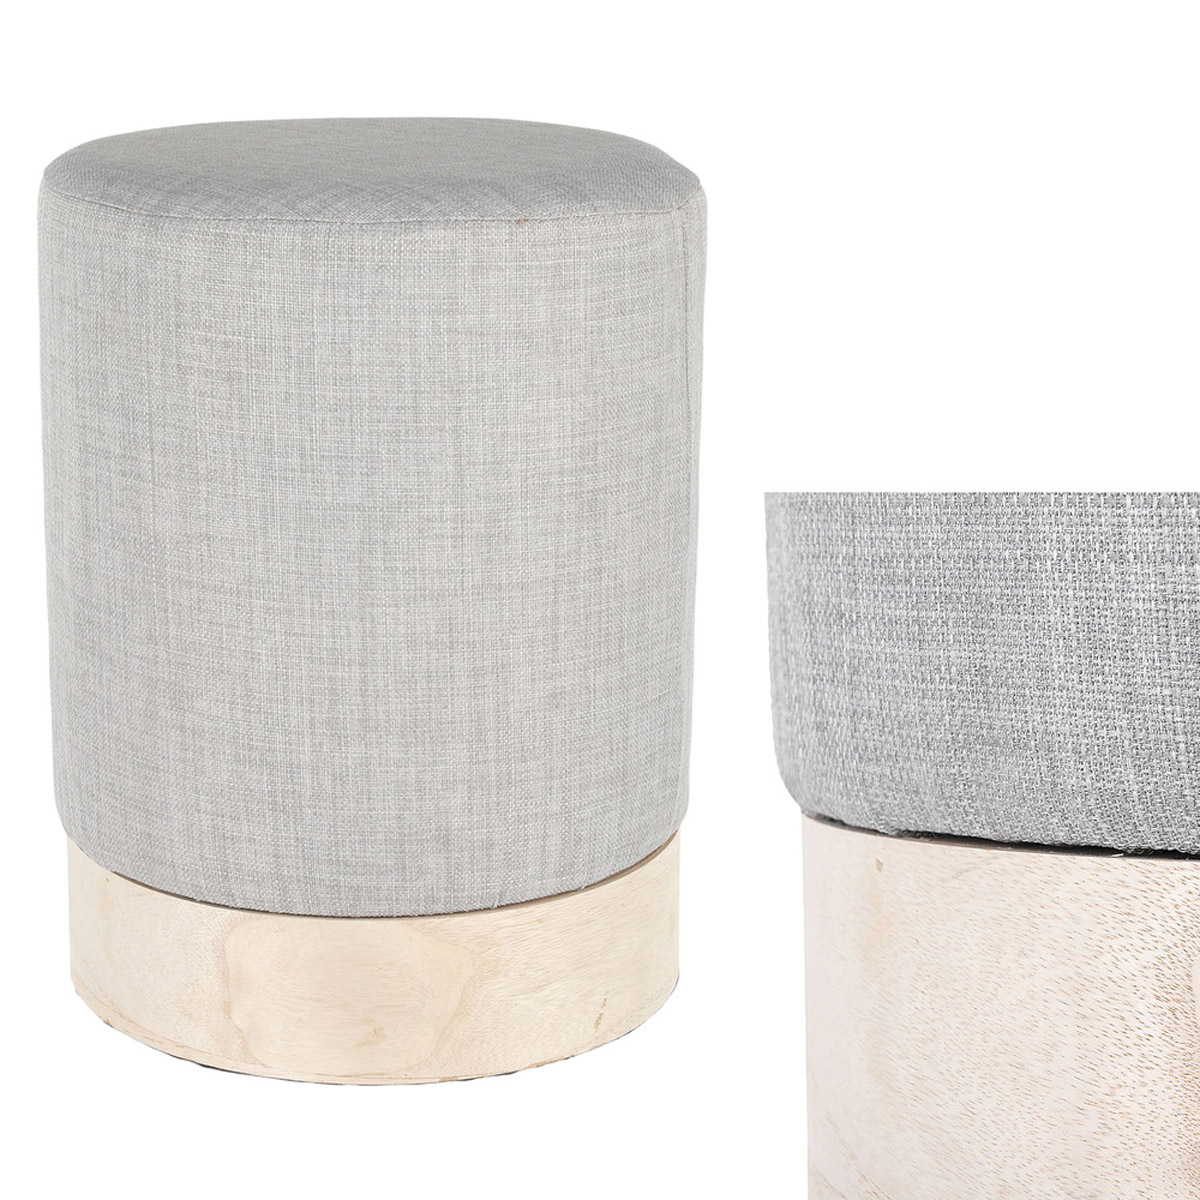 Pouf design \'Boho\' gris doré - 40x30 cm - [R2392]